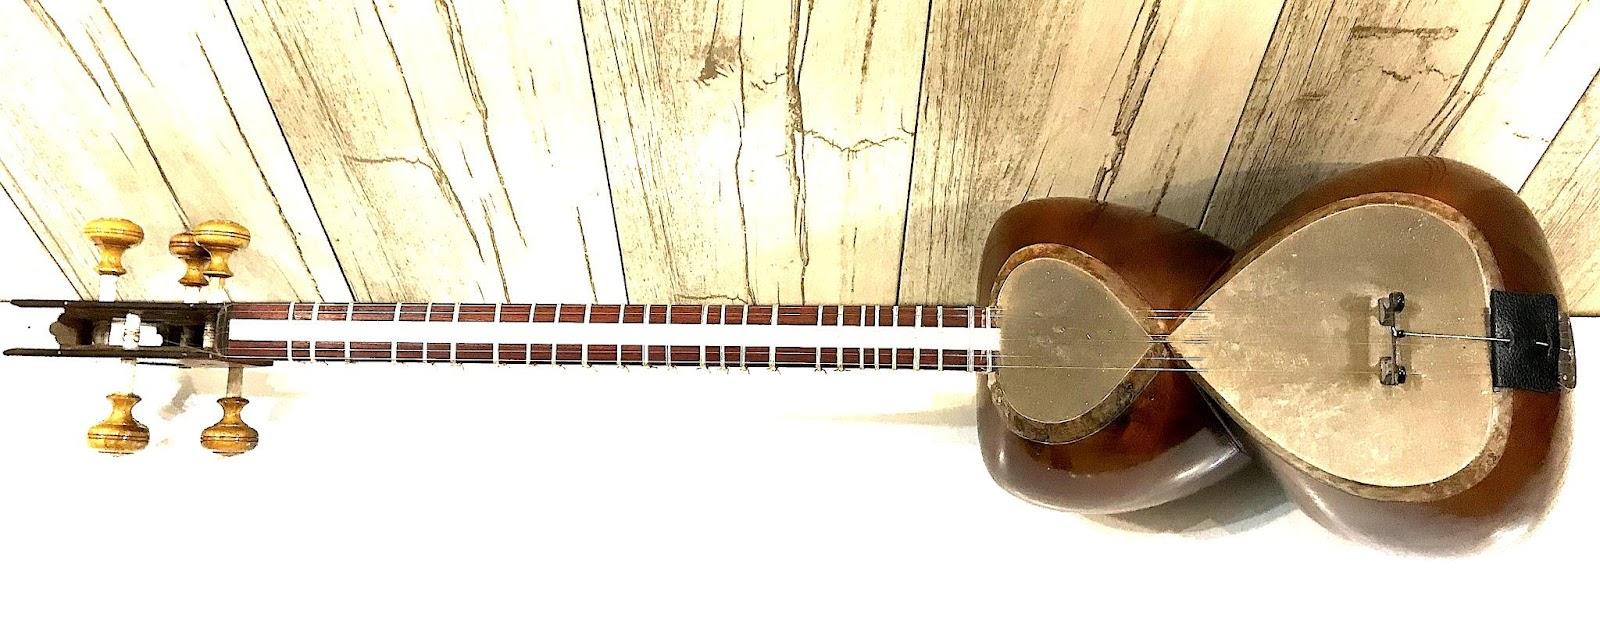 ساز تار مهرداد کلهر یک مهر همراه با جعبهی یونولیتی